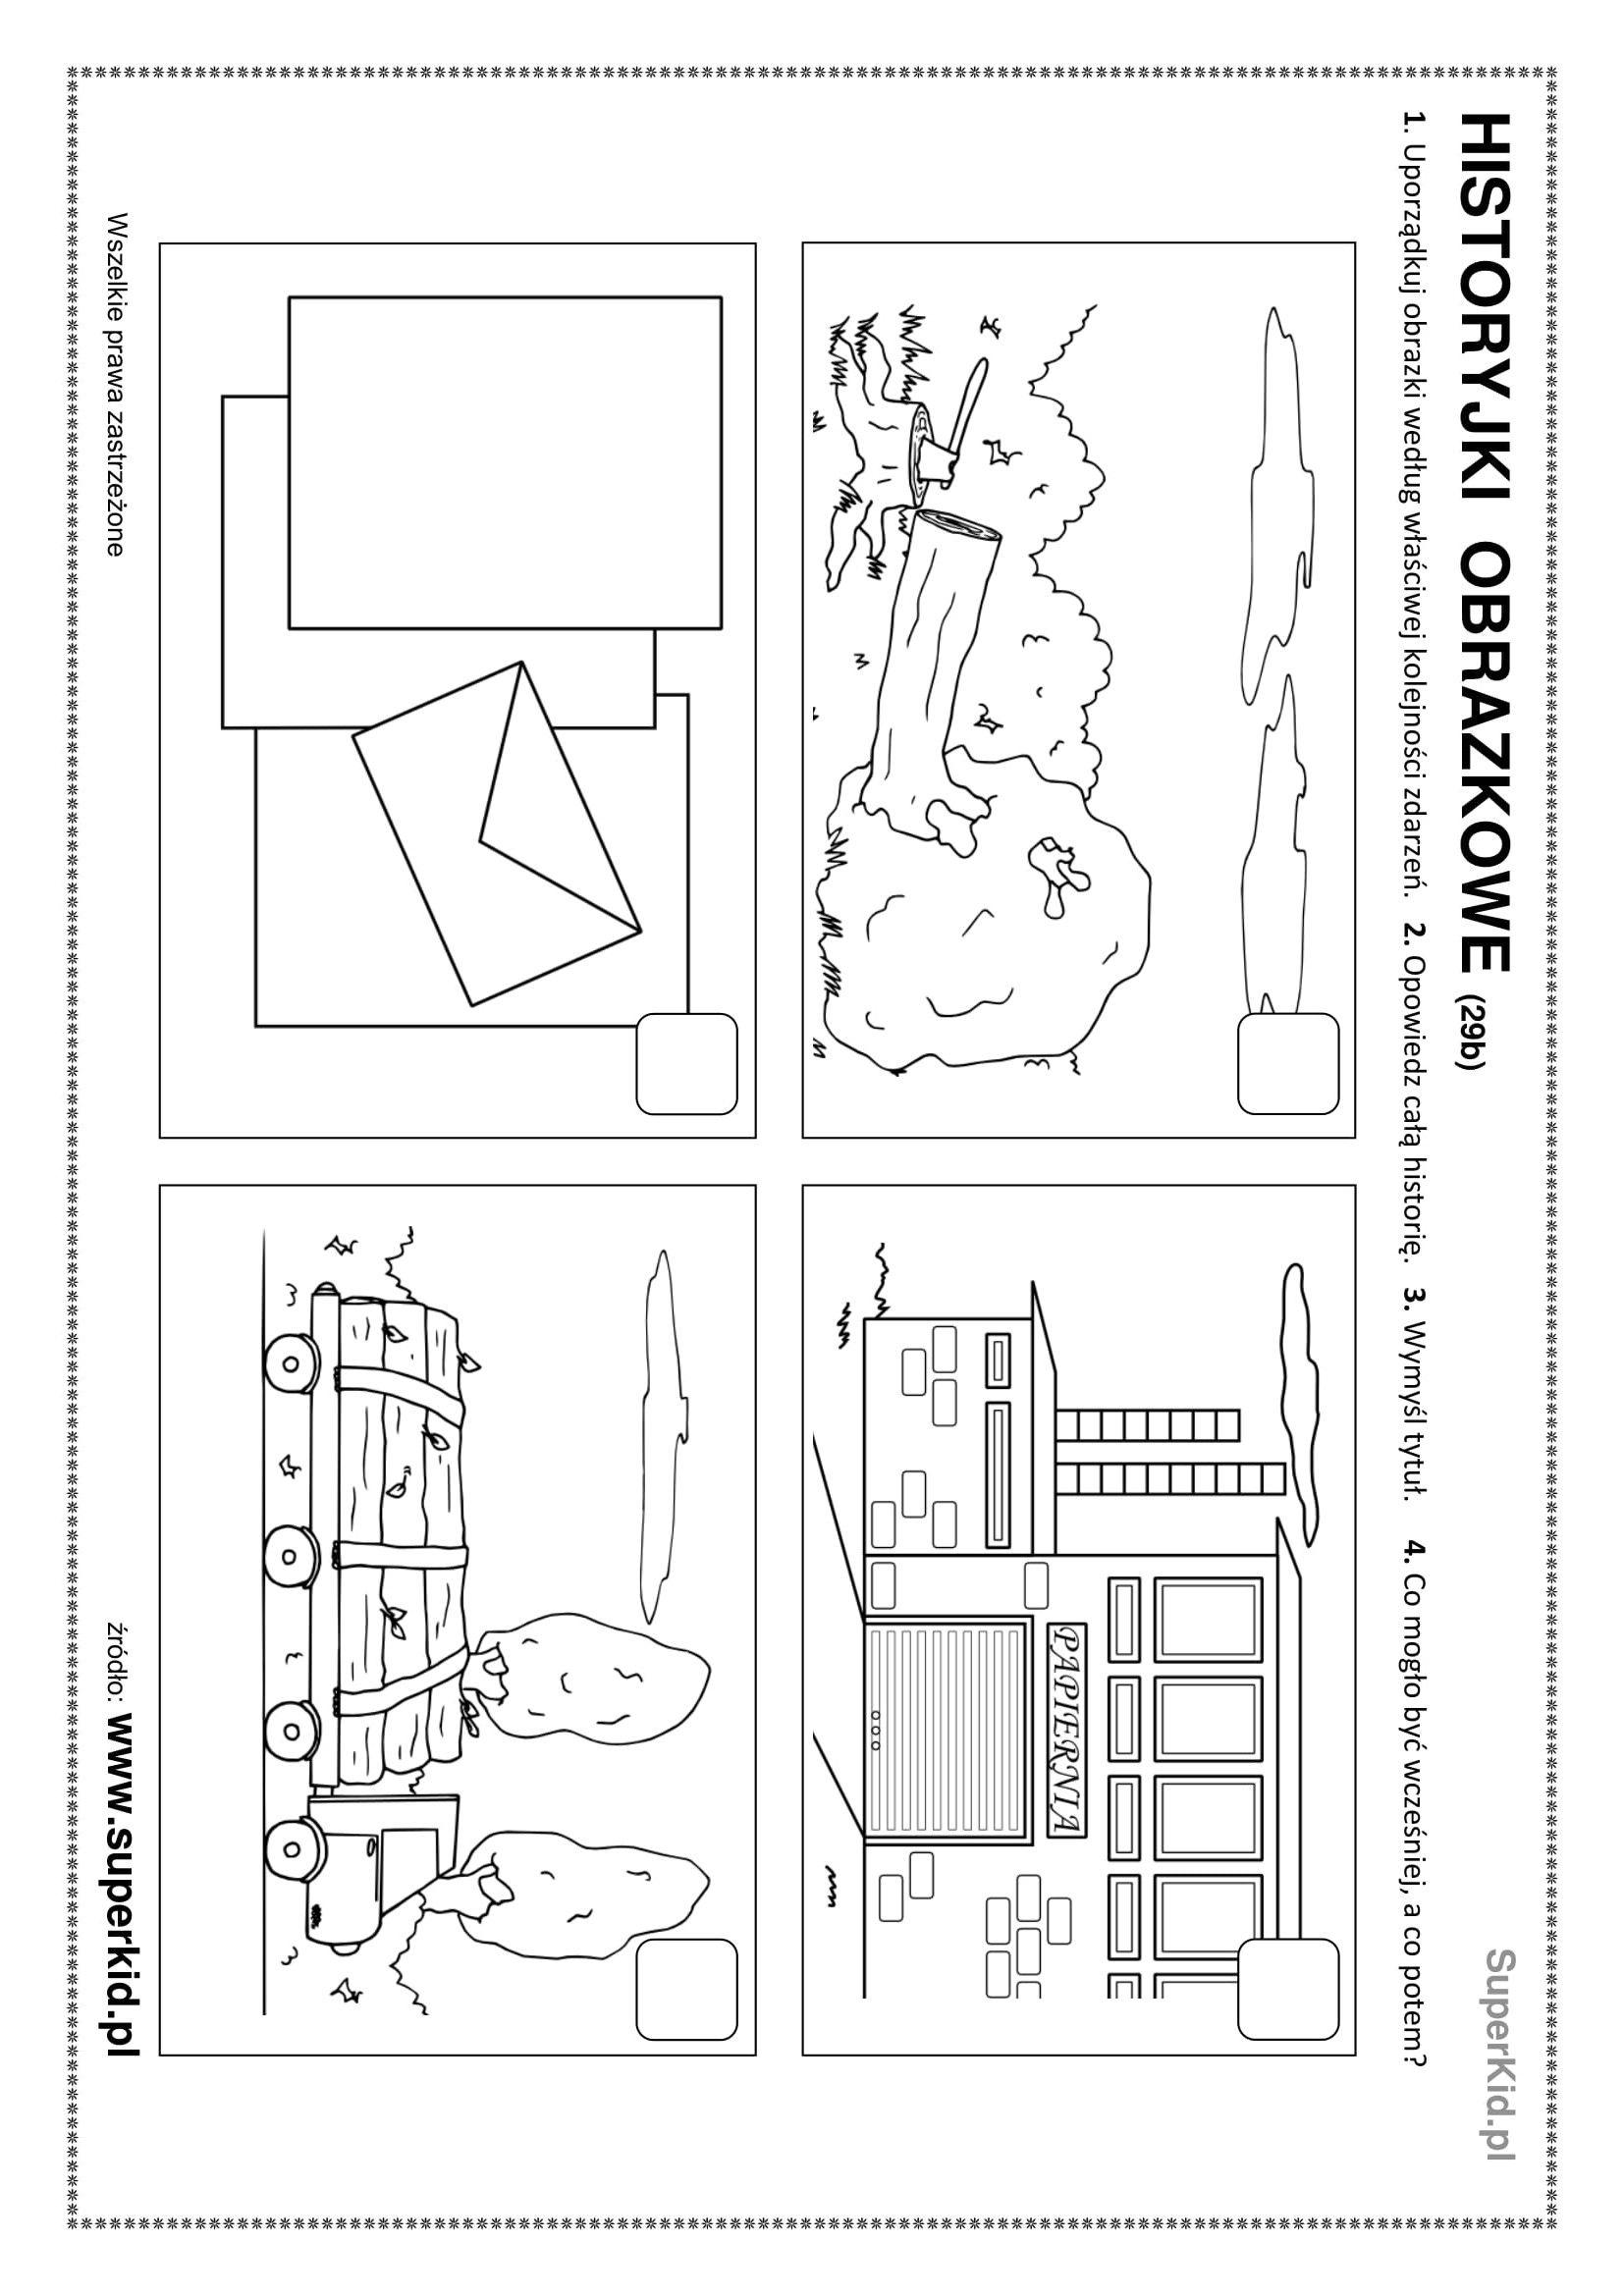 Pin By Gocha On Gocha In 2020 Education Diagram